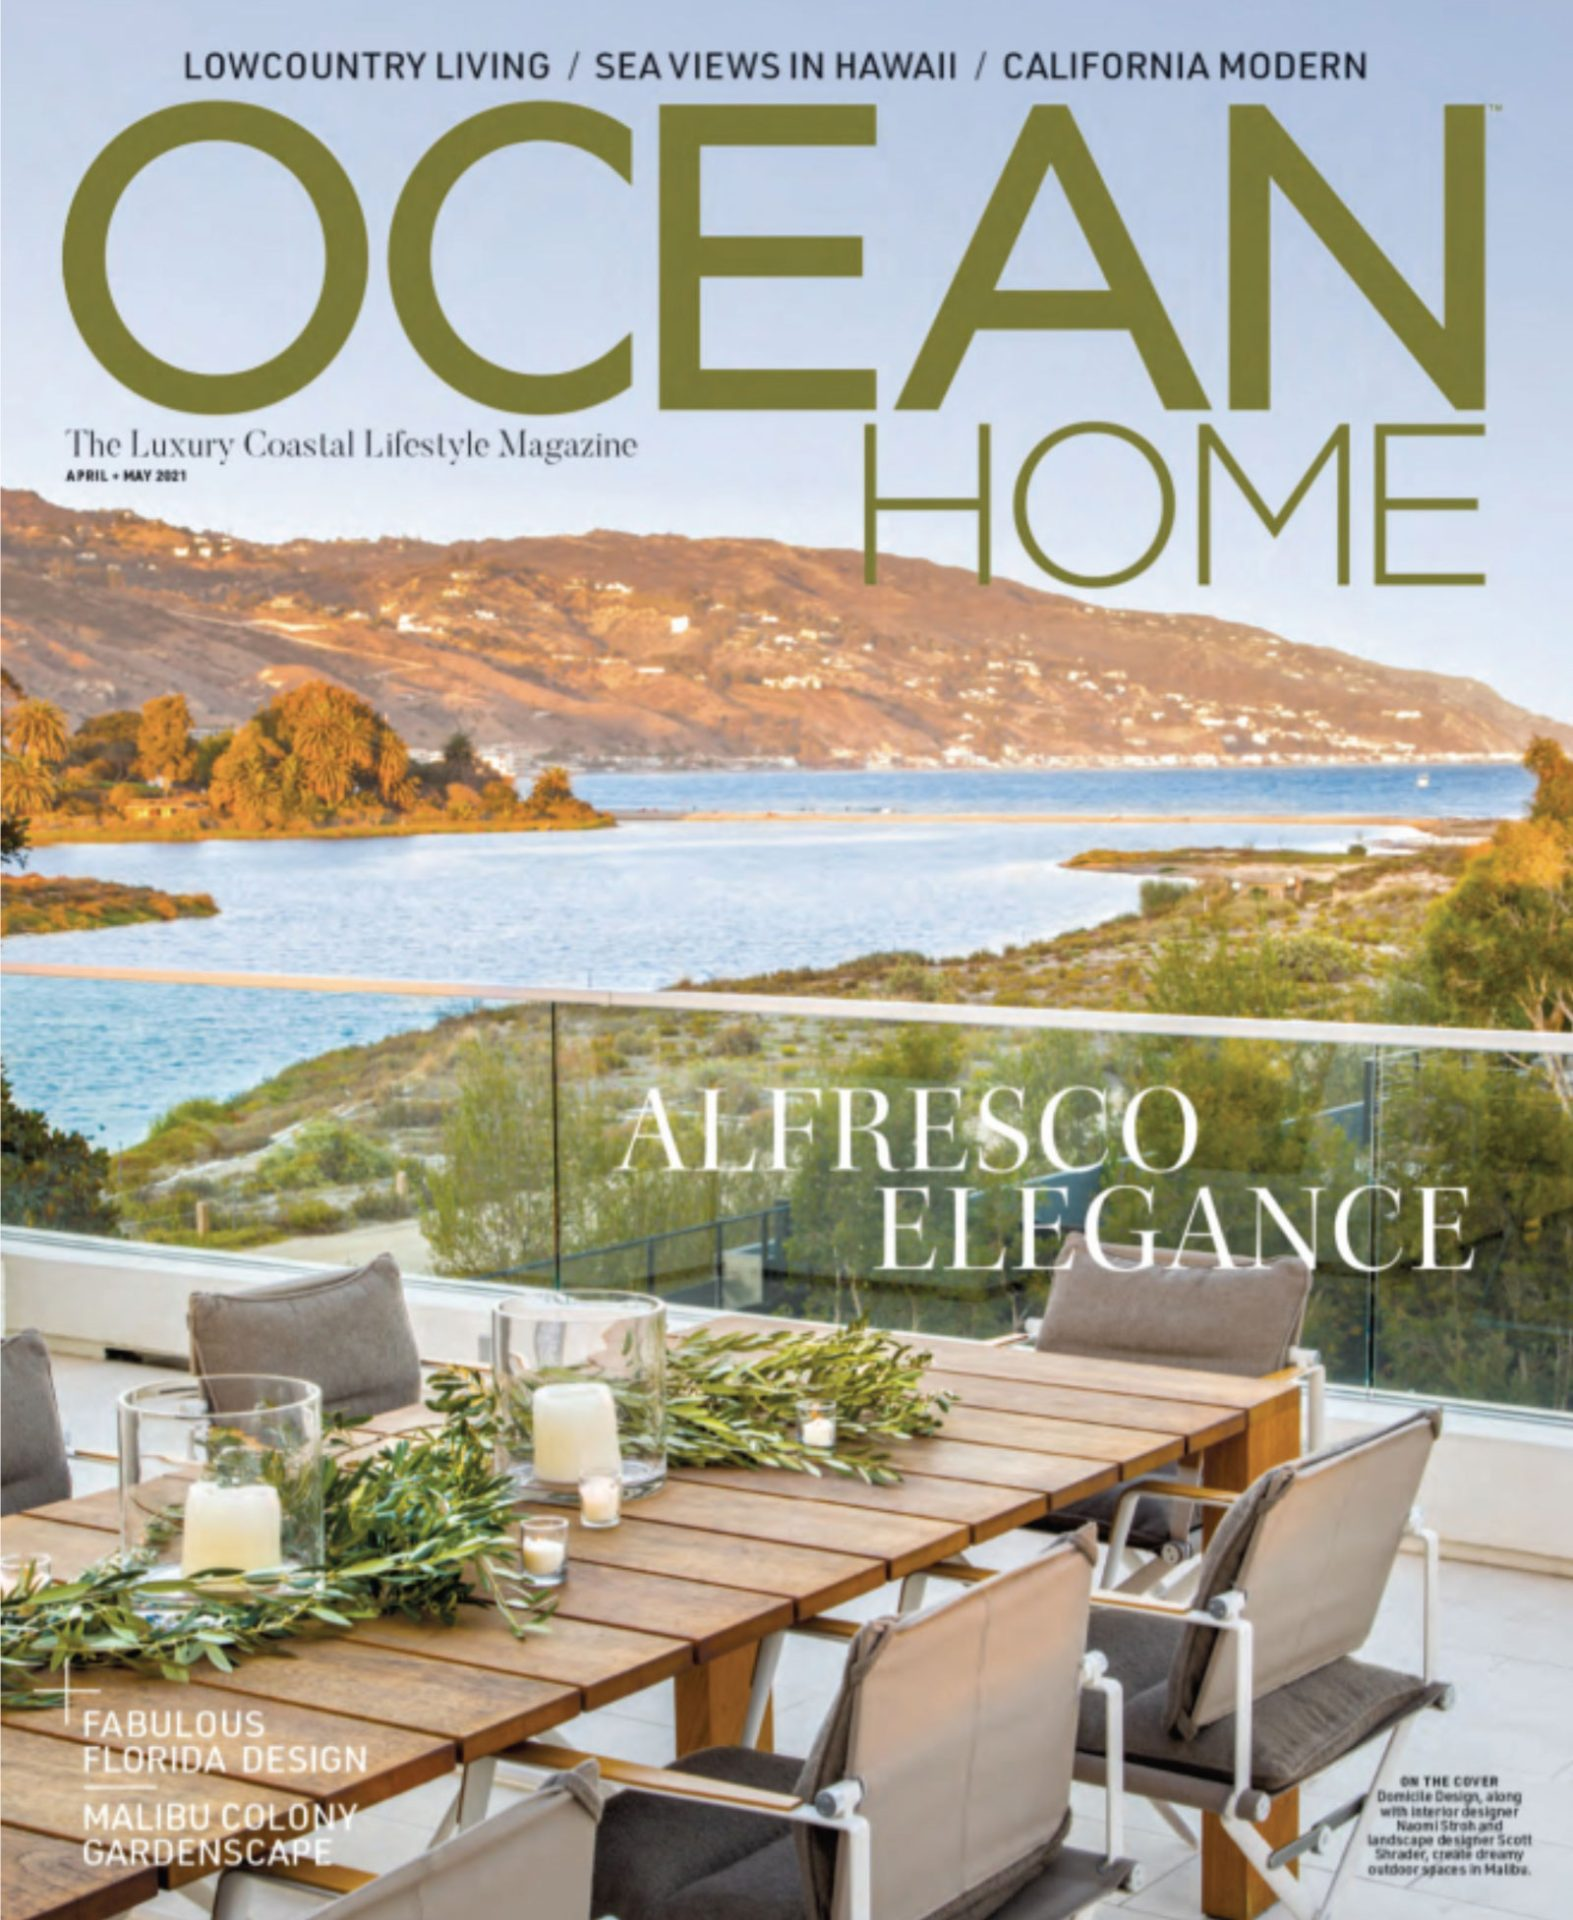 Ocean Home April - May 2021